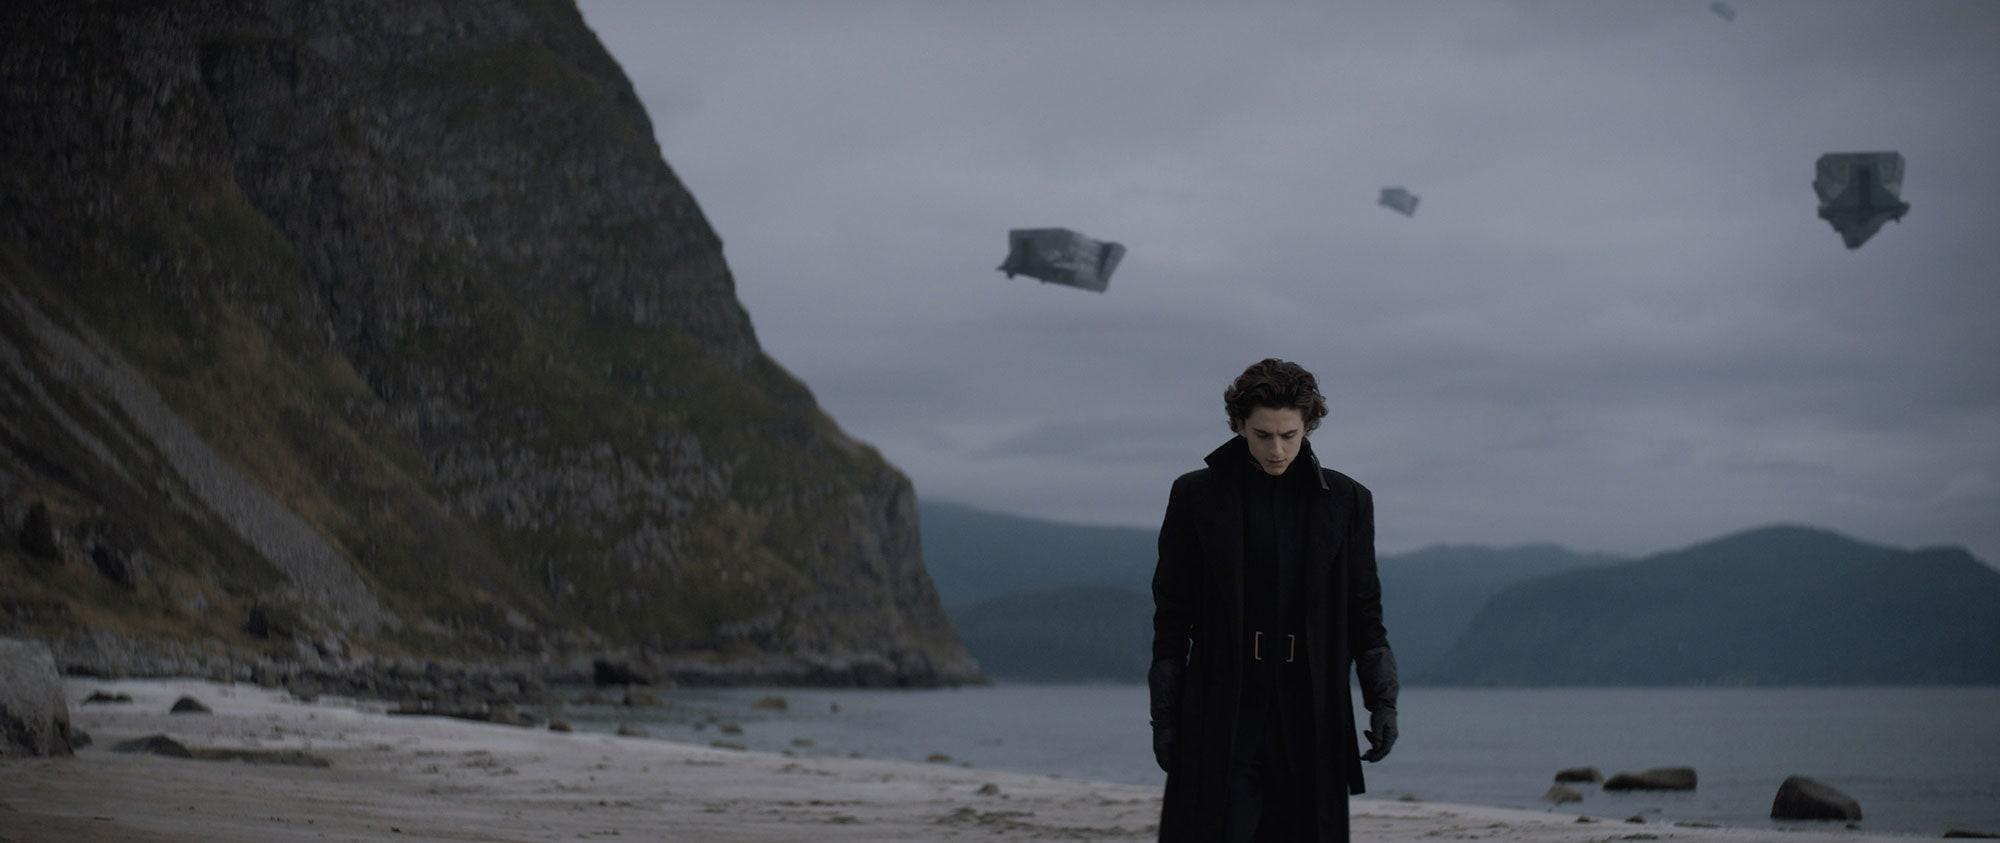 Første bilde av Timothee Chalamet som Paul Atreides i Dune (Warner Bros.)